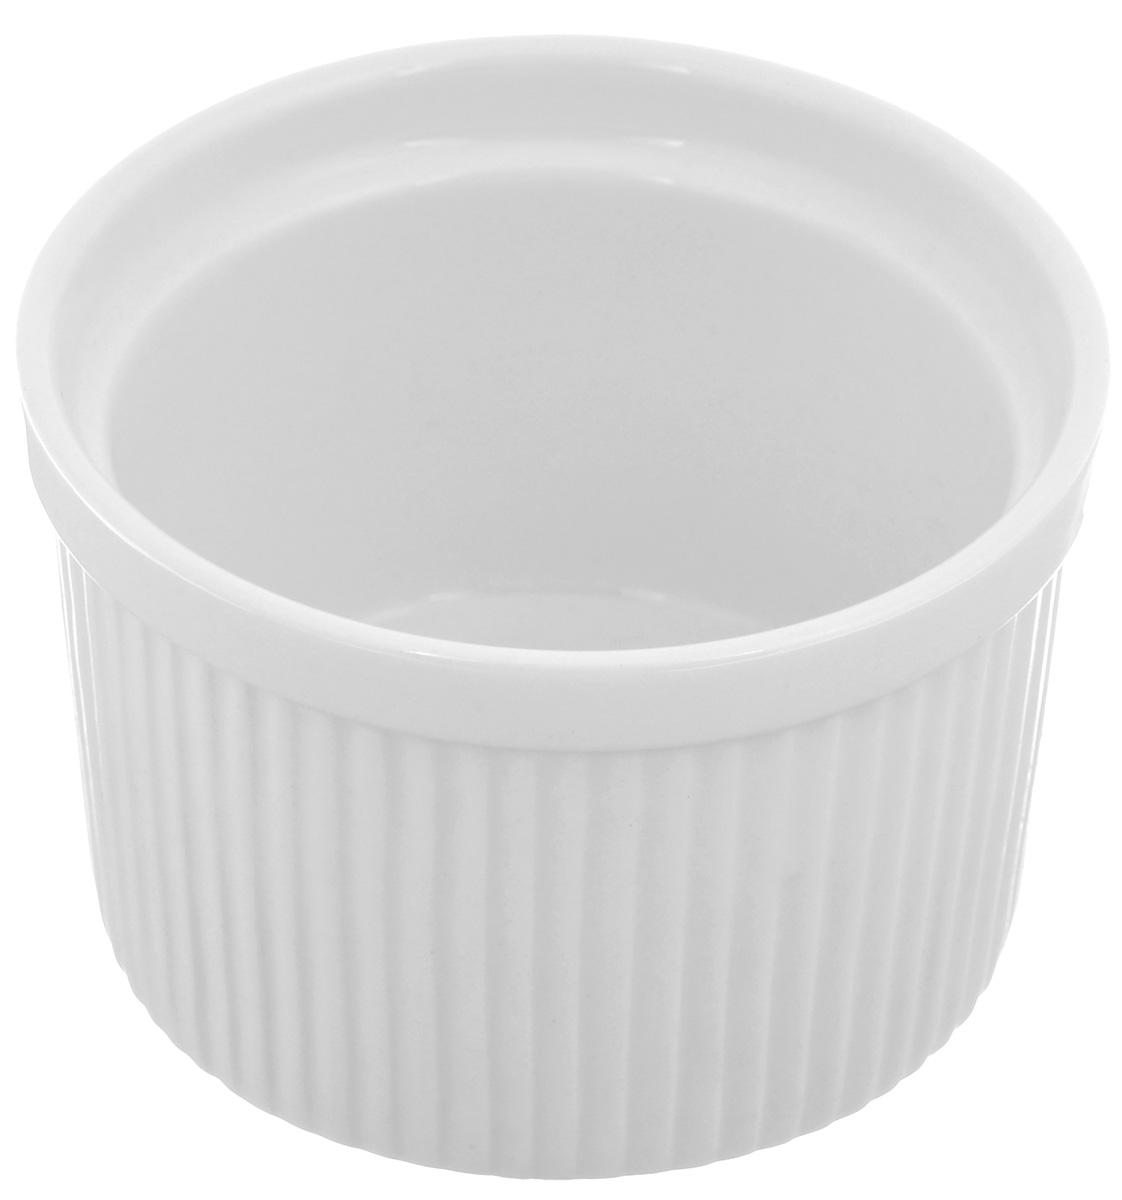 Порционная форма для выпечки BergHOFF Bianco, круглая, цвет: белый, диаметр 10 см77.858@23656 / Q2214 MilanoПорционная форма для выпечки BergHOFF Bianco изготовлена из высококачественного фарфора с глазурованной поверхностью. Форму можно использовать для приготовления блюд, таких как крем-брюле, жульен, маффины и прочее. Изделие термоустойчиво, поверхность сохраняет свой цвет, а пища естественный аромат. Материал мягко проводит тепло для равномерного запекания.Подходит для мытья в посудомоечной машине.Диаметр формы: 10 см.Высота формы: 6,5 см.